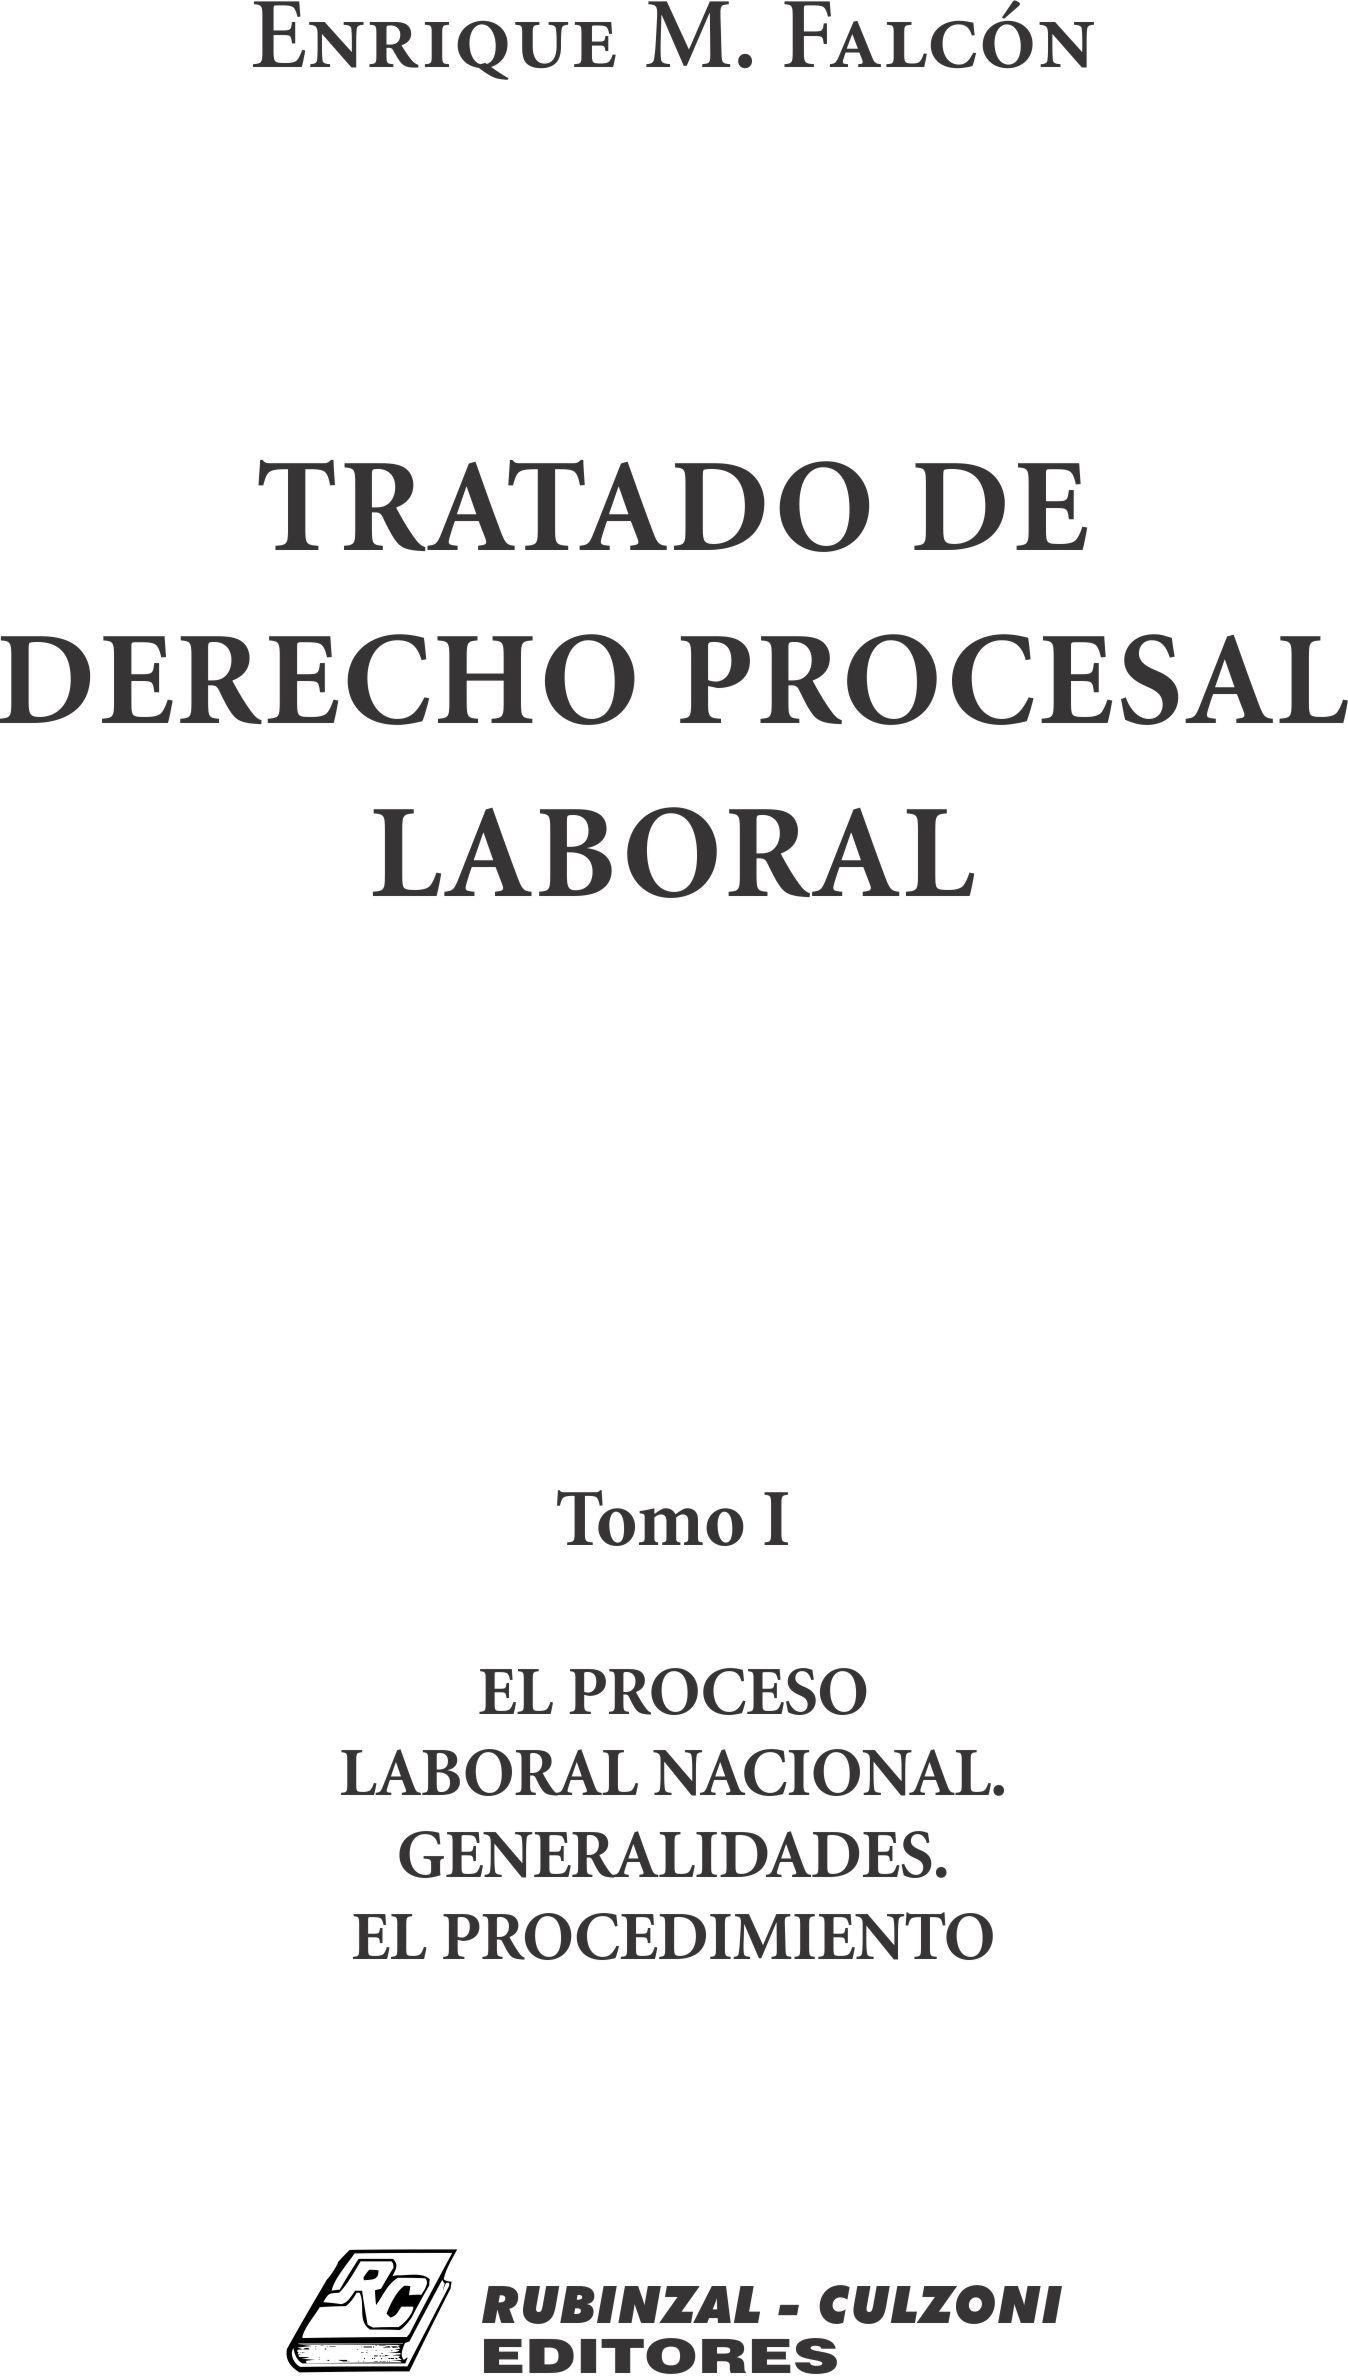 Tratado de Derecho Procesal Laboral. - Tomo I. El proceso laboral ...